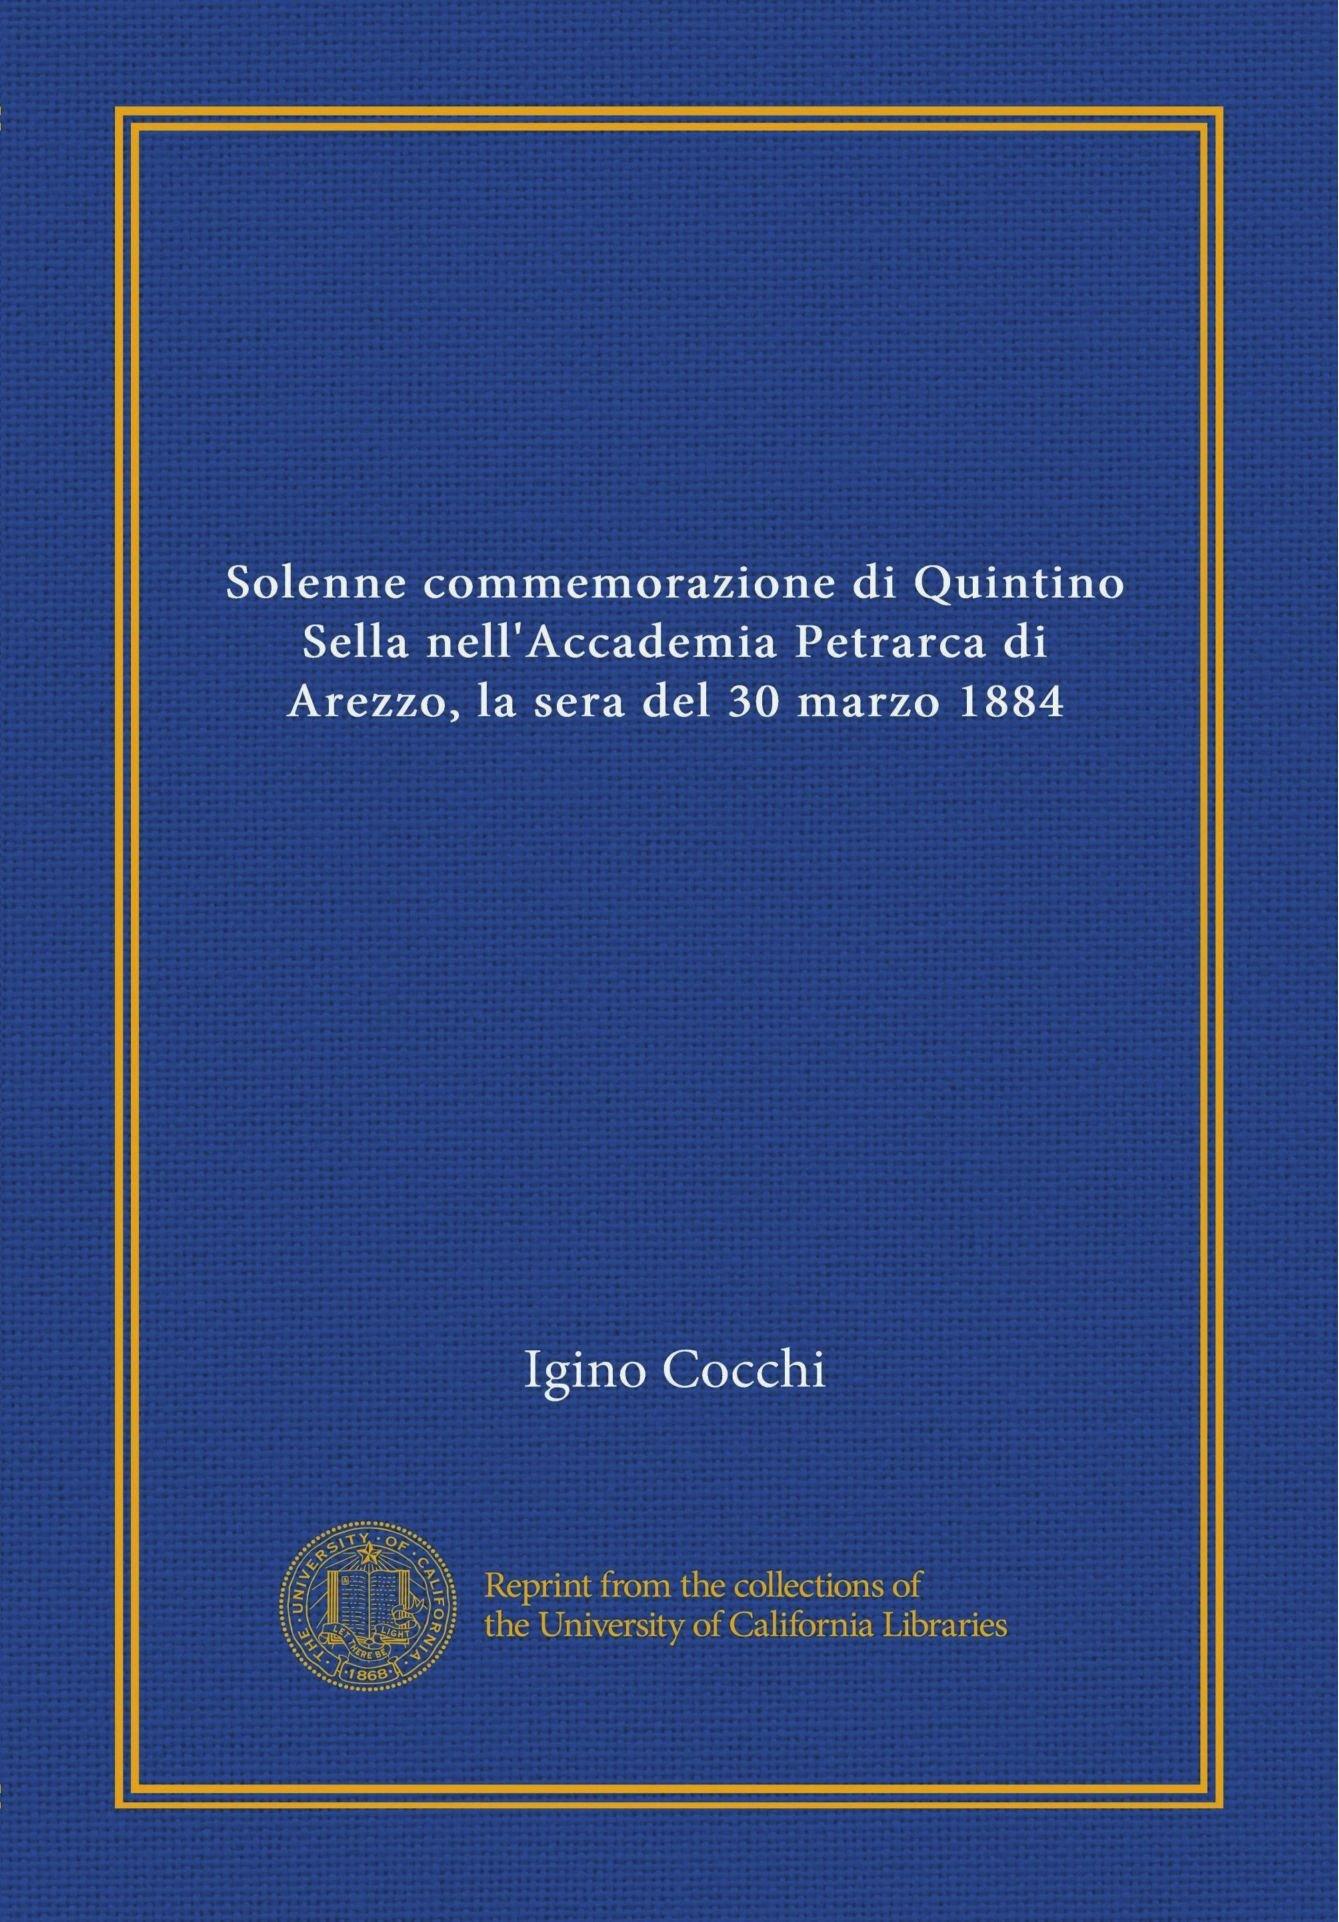 Download Solenne commemorazione di Quintino Sella nell'Accademia Petrarca di Arezzo, la sera del 30 marzo 1884 (Vol-1) (Italian Edition) ebook